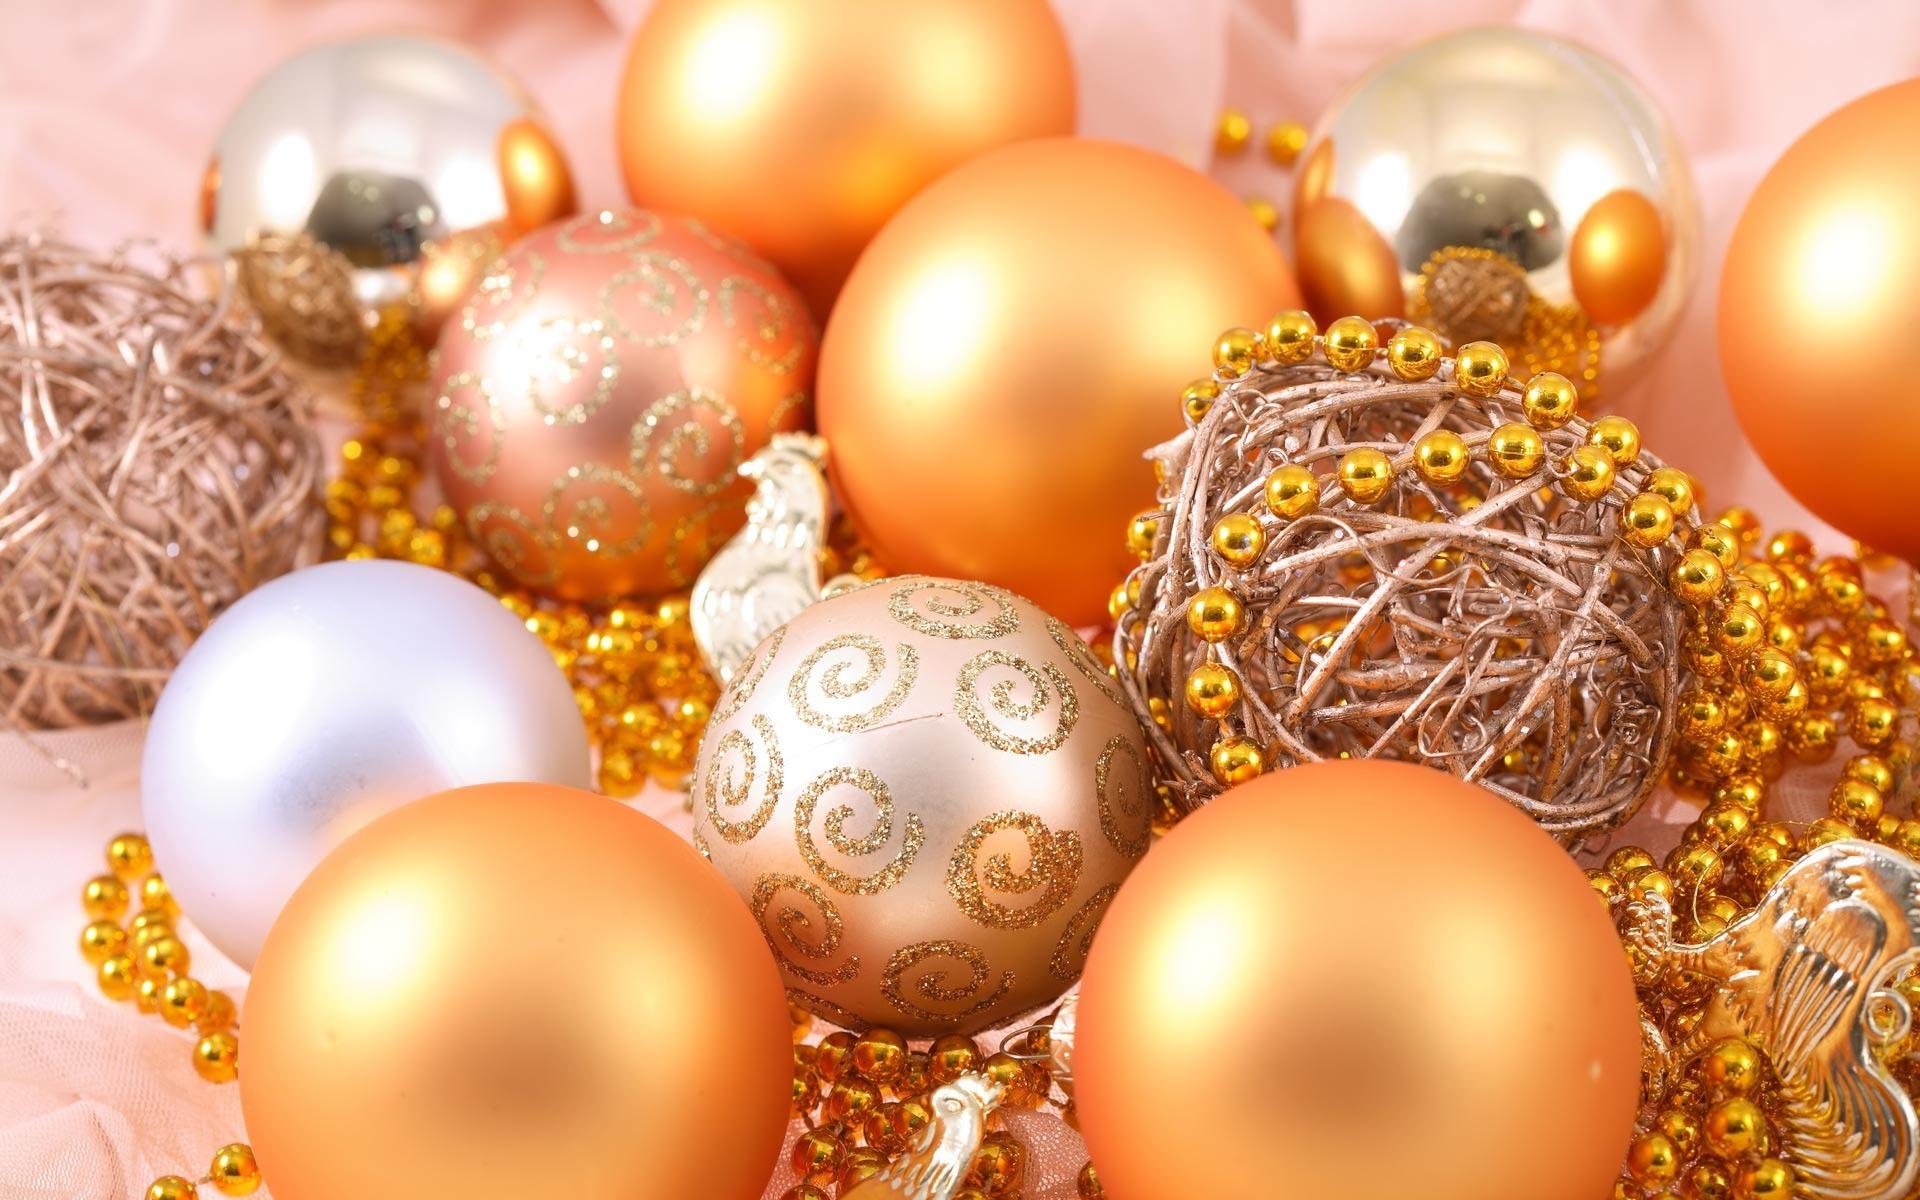 Fantastic Christmas Ornaments Wallpaper